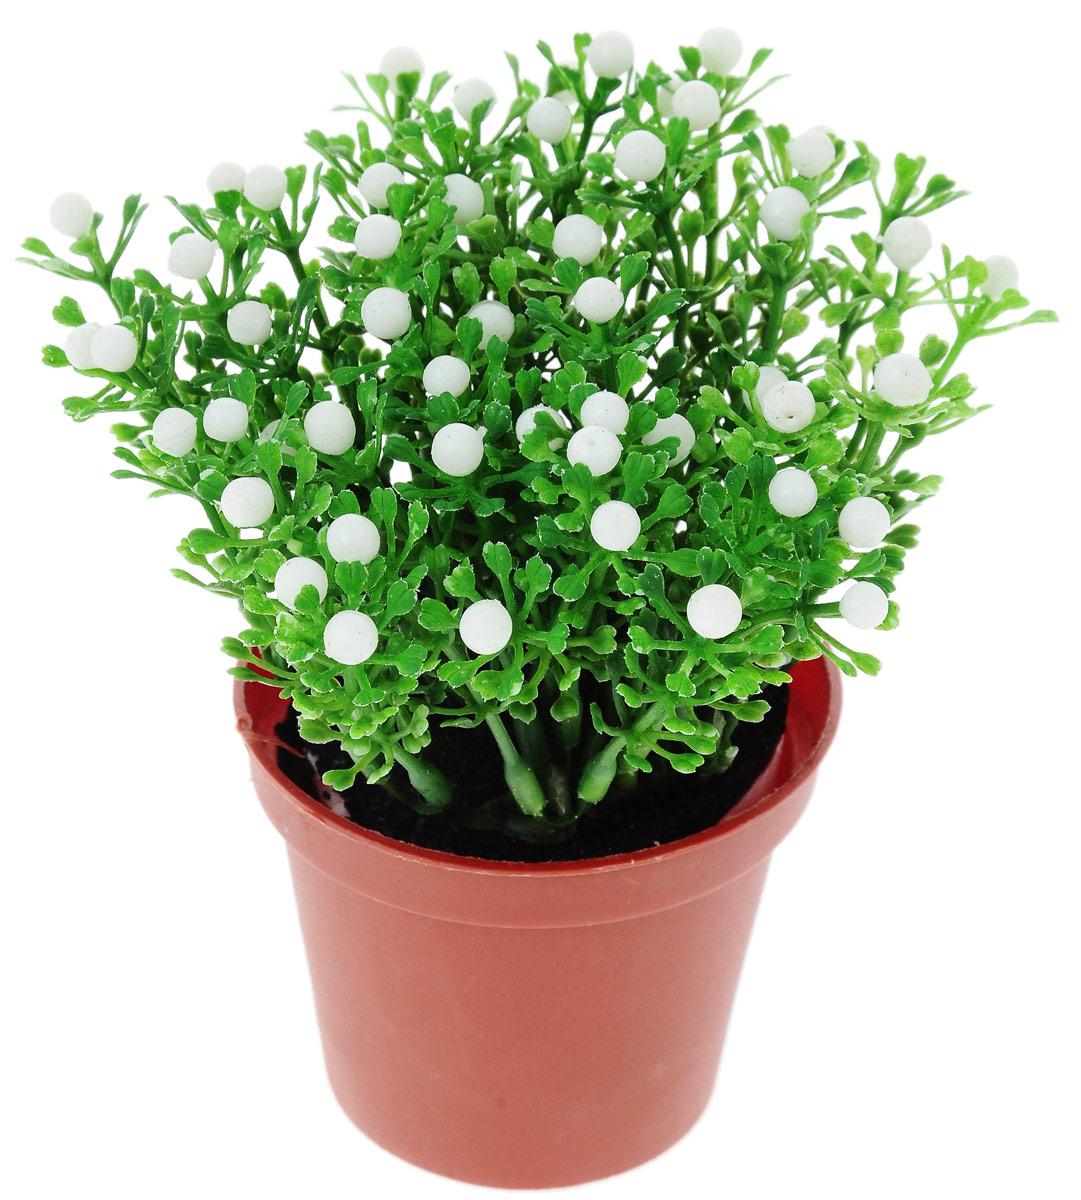 Растение искусственное для мини-сада Bloom`its, высота 14,8 смNLED-454-9W-BKИскусственное растение Bloom`its поможет создать свой собственный мини-сад. Заниматься ландшафтным дизайном и декором теперь можно, даже если у вас нет своего загородного дома, причем не выходя из дома. Устройте себе удовольствие садовода, собирая миниатюрные фигурки и составляя из них различные композиции. Объедините миниатюрные изделия в емкости (керамический горшок, корзина, деревянный ящик или стеклянная посуда) и добавьте мини-растения. Это не только поможет увлекательно провести время, раскрывая ваше воображение и фантазию, результат работы станет стильным и необычным украшением интерьера.